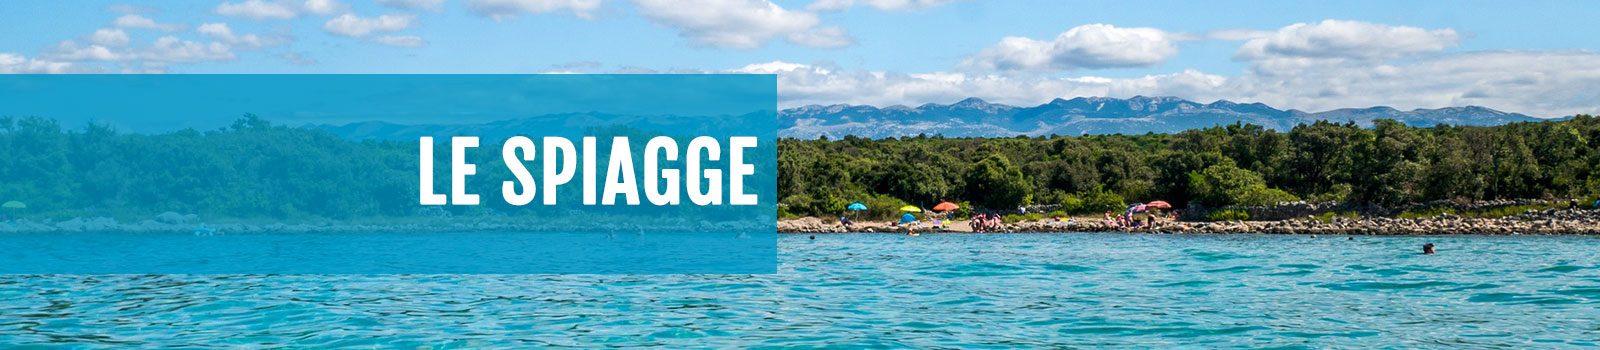 Le spiagge delle Vacanze a Pag